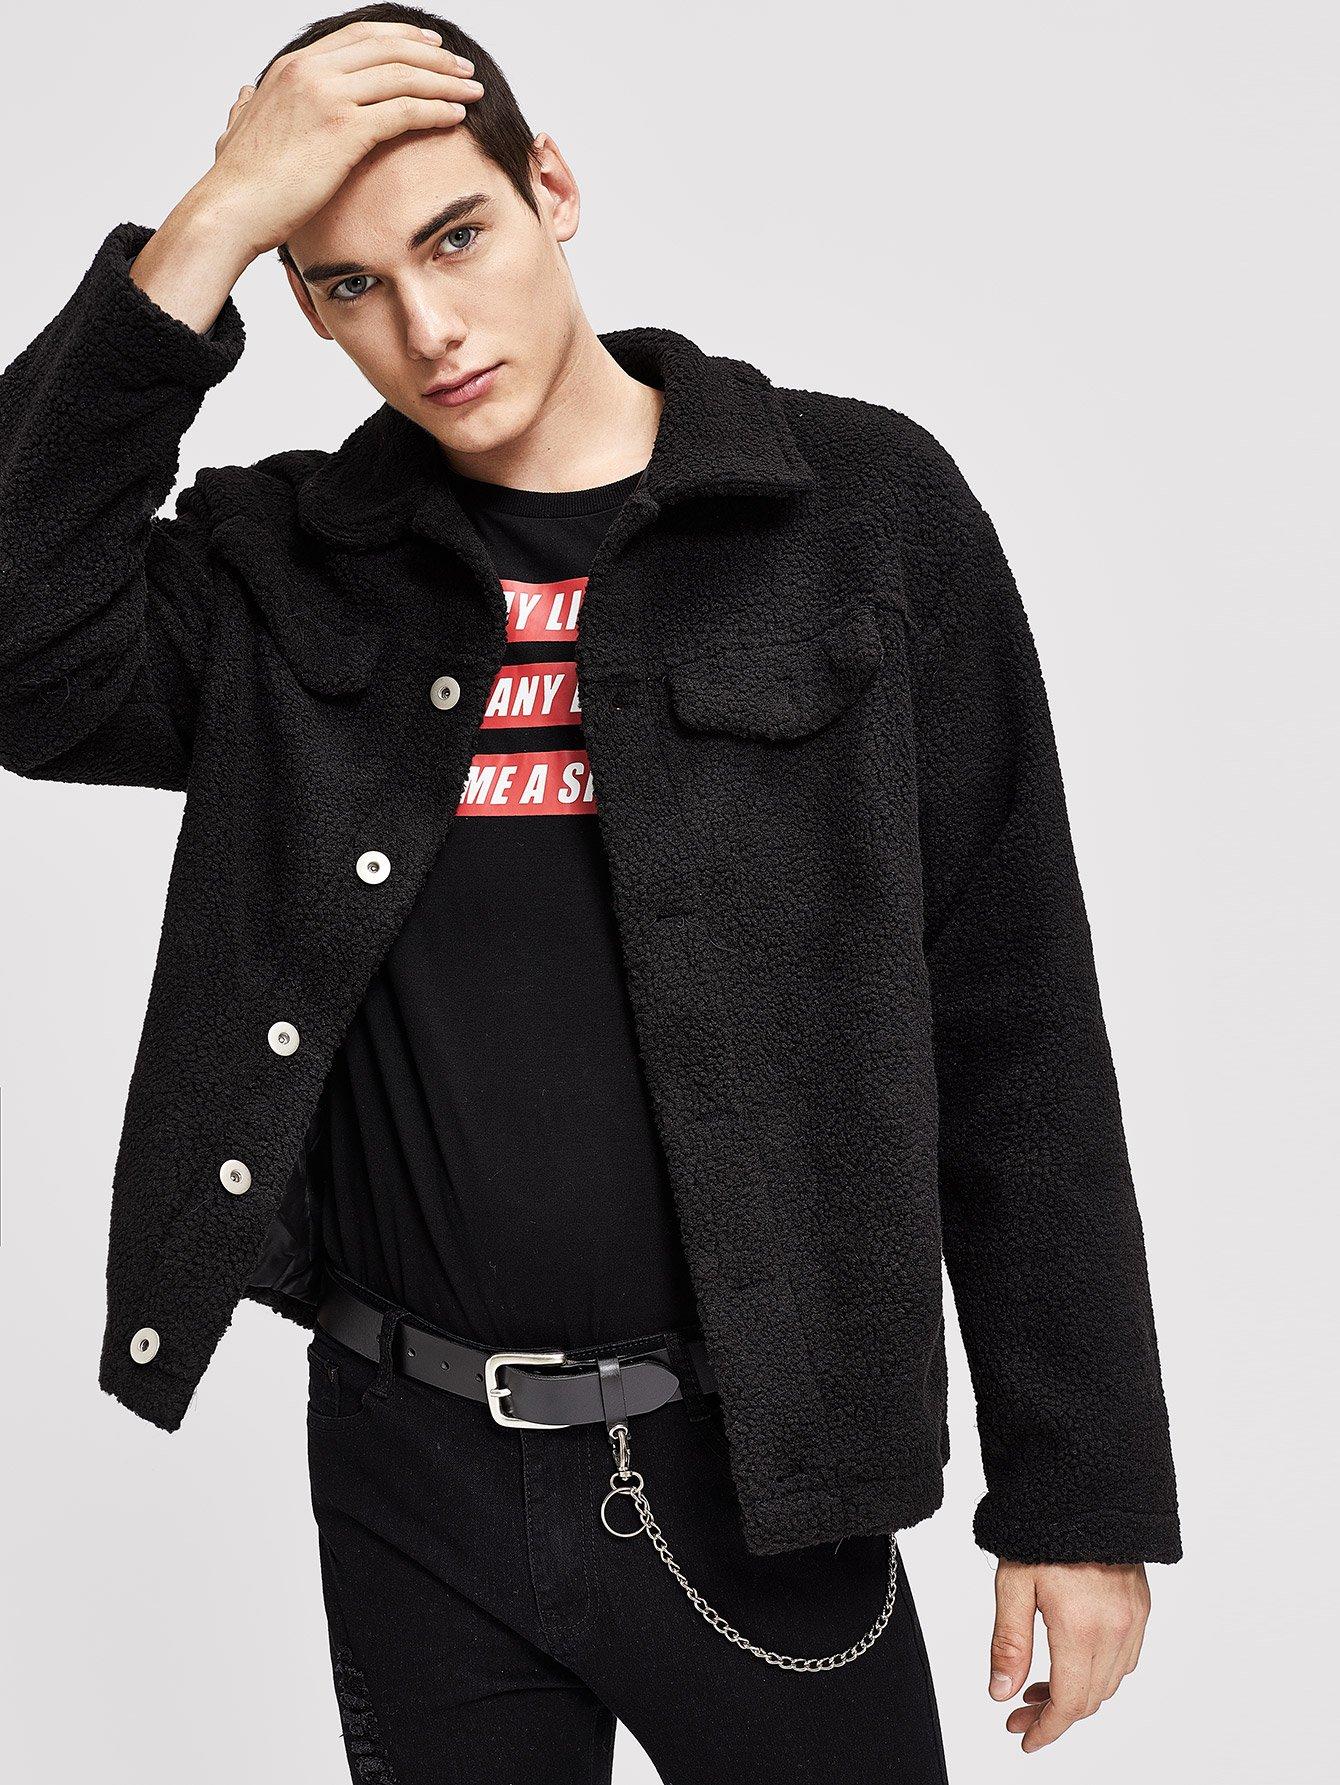 Купить Для мужчин тедди пальто на пуговицах с карманом, Misha, SheIn